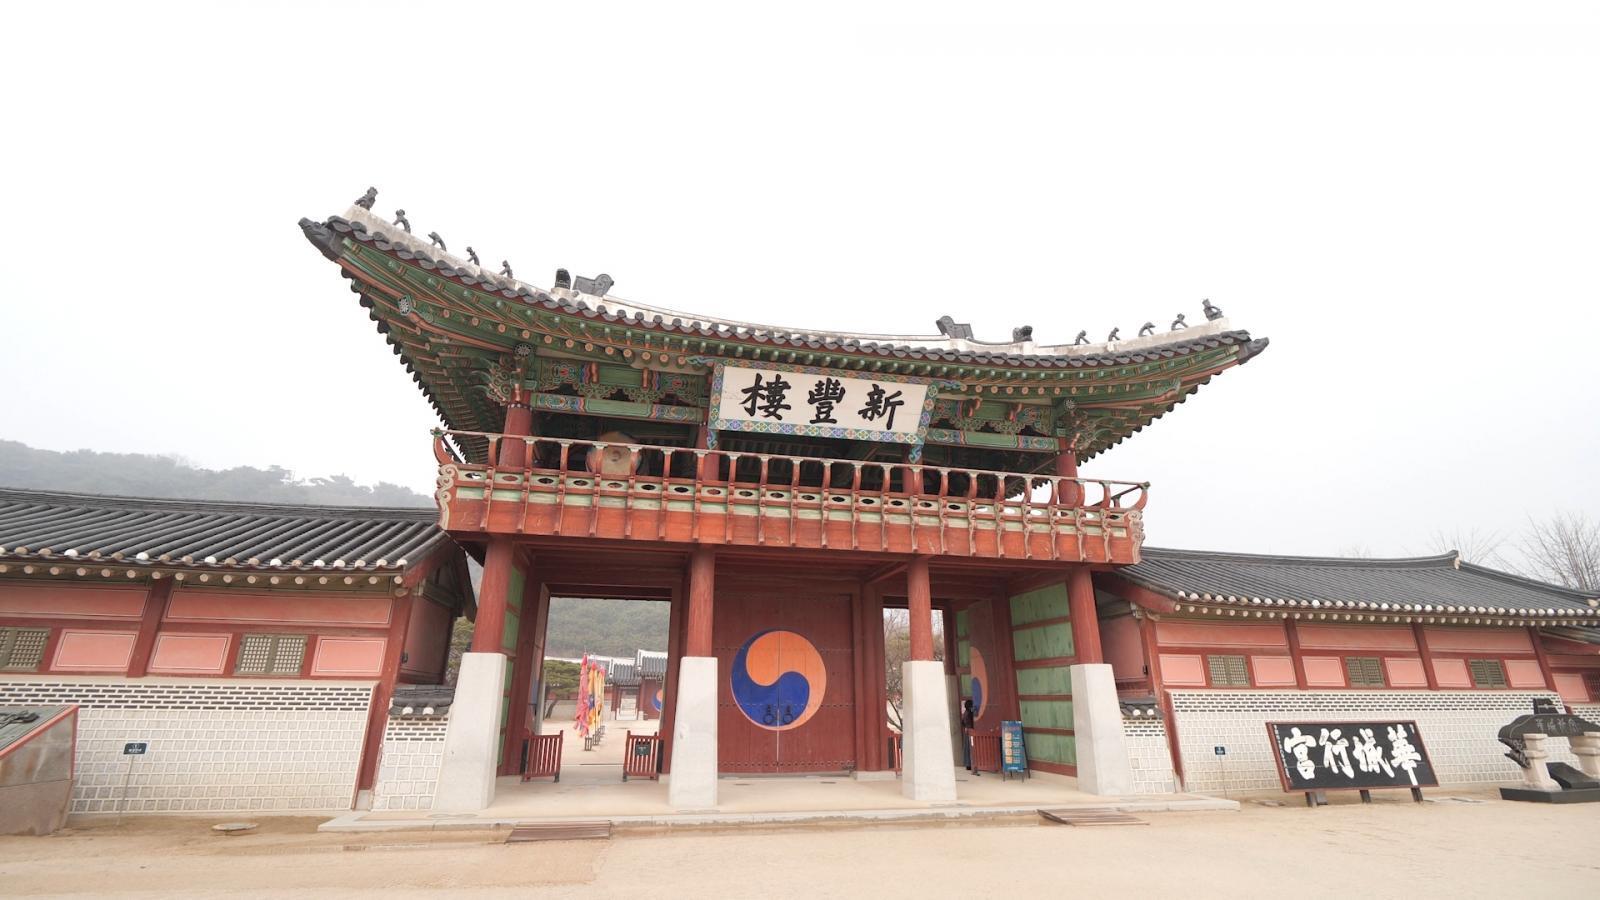 เปิดตำนานกับเผ่าทอง  พาชมพระราชวังเก่าแดนกิมจิ